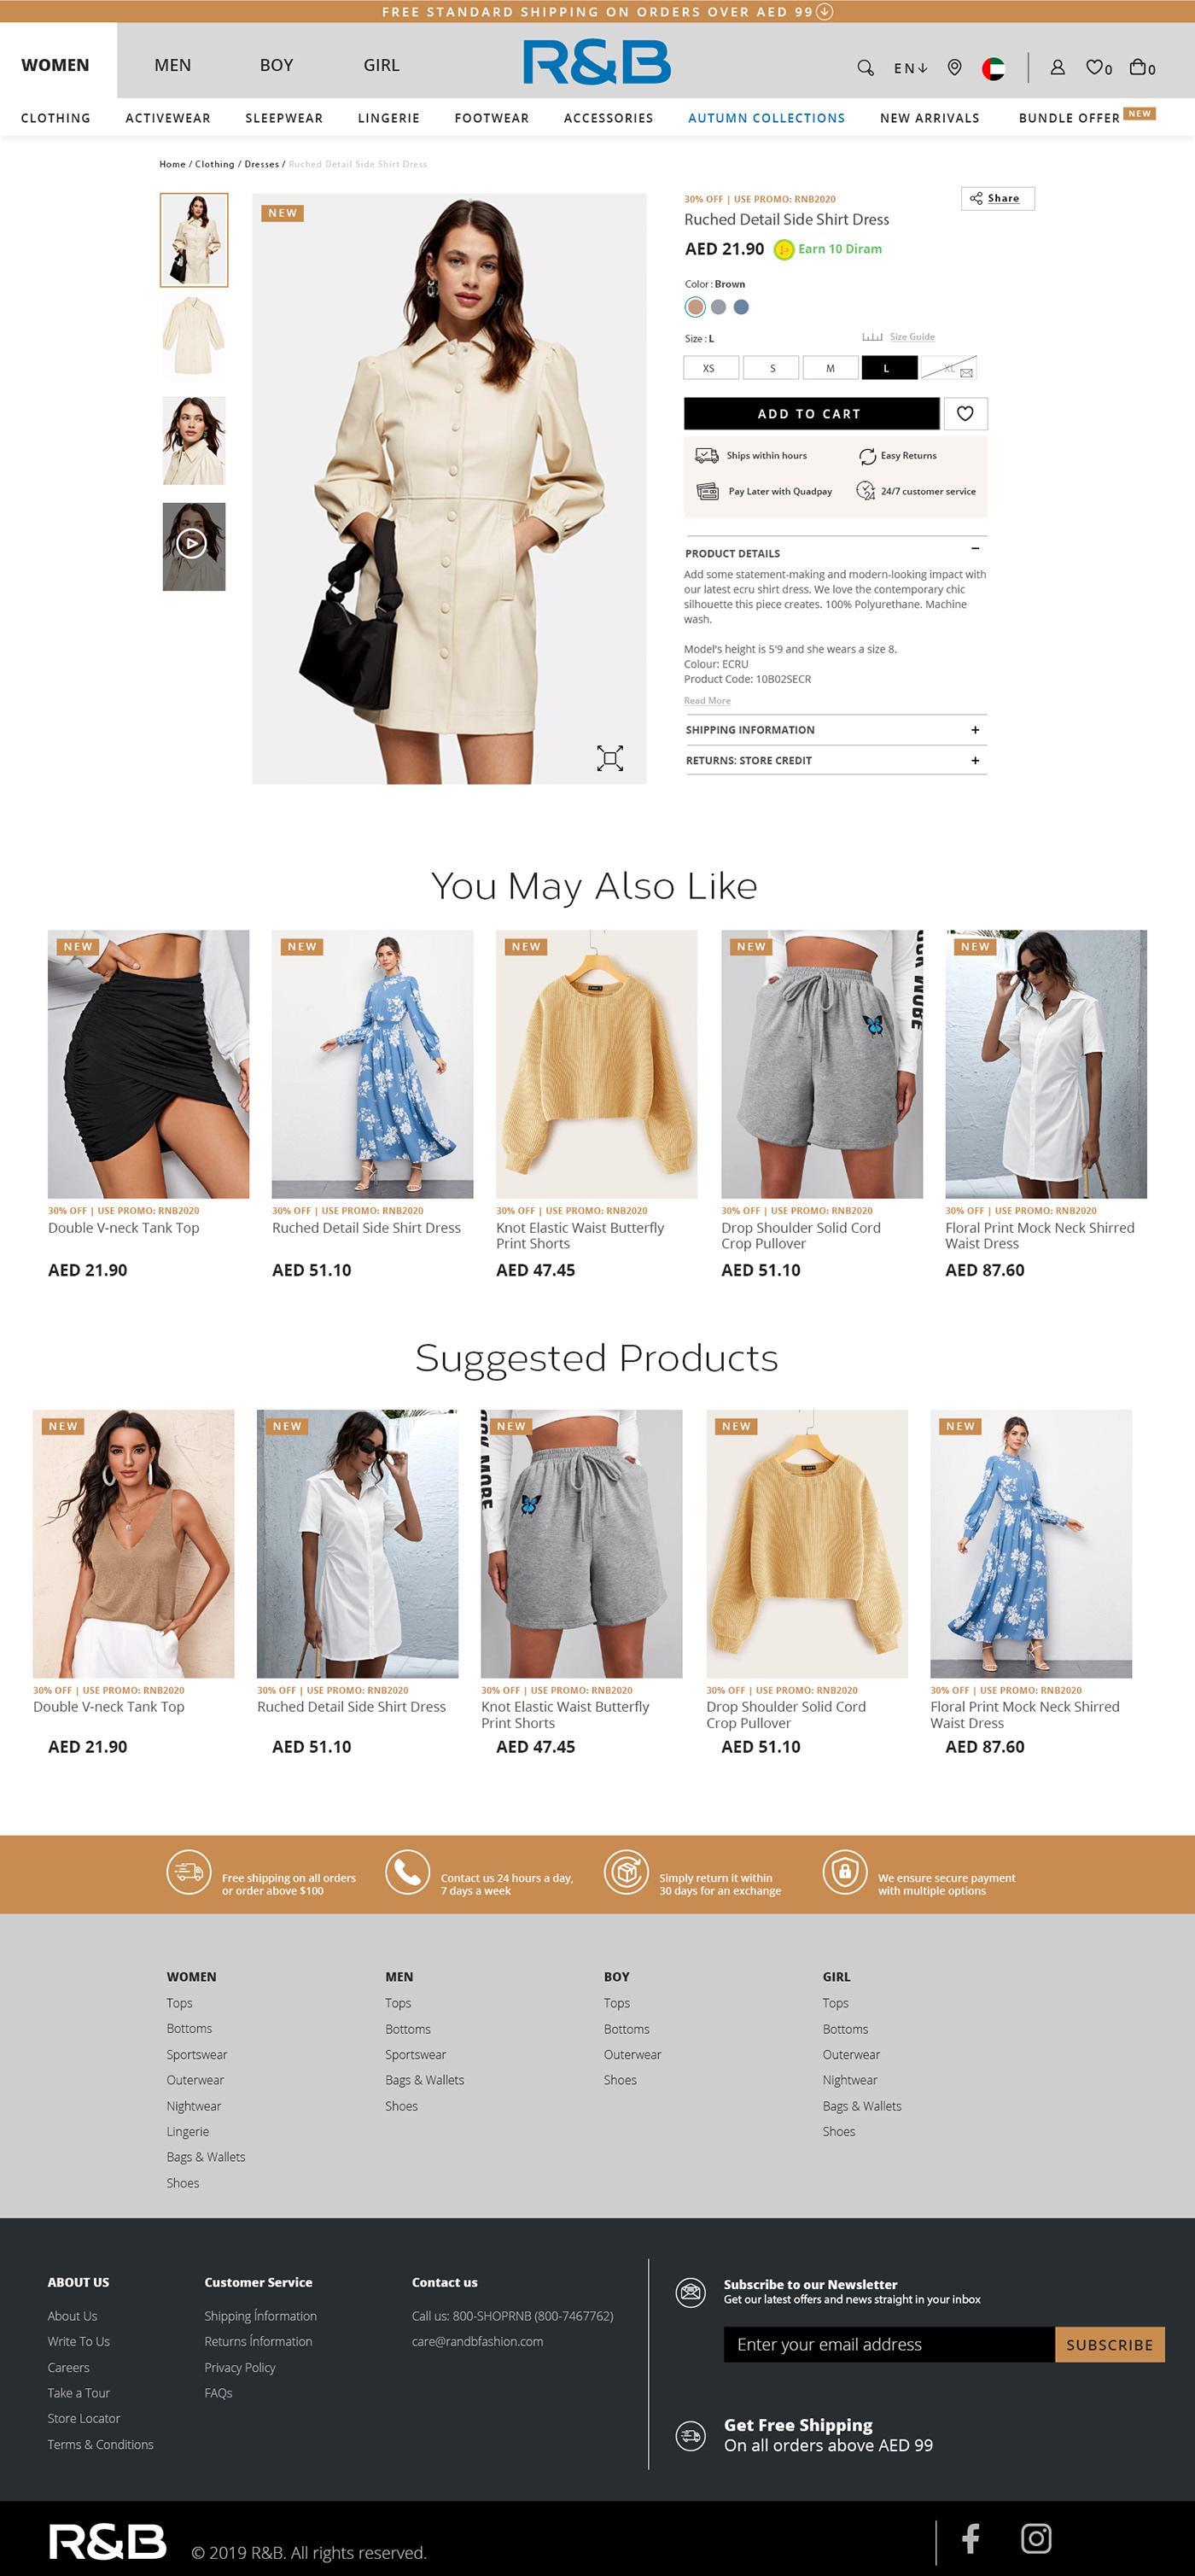 Image may contain: dress, screenshot and clothing